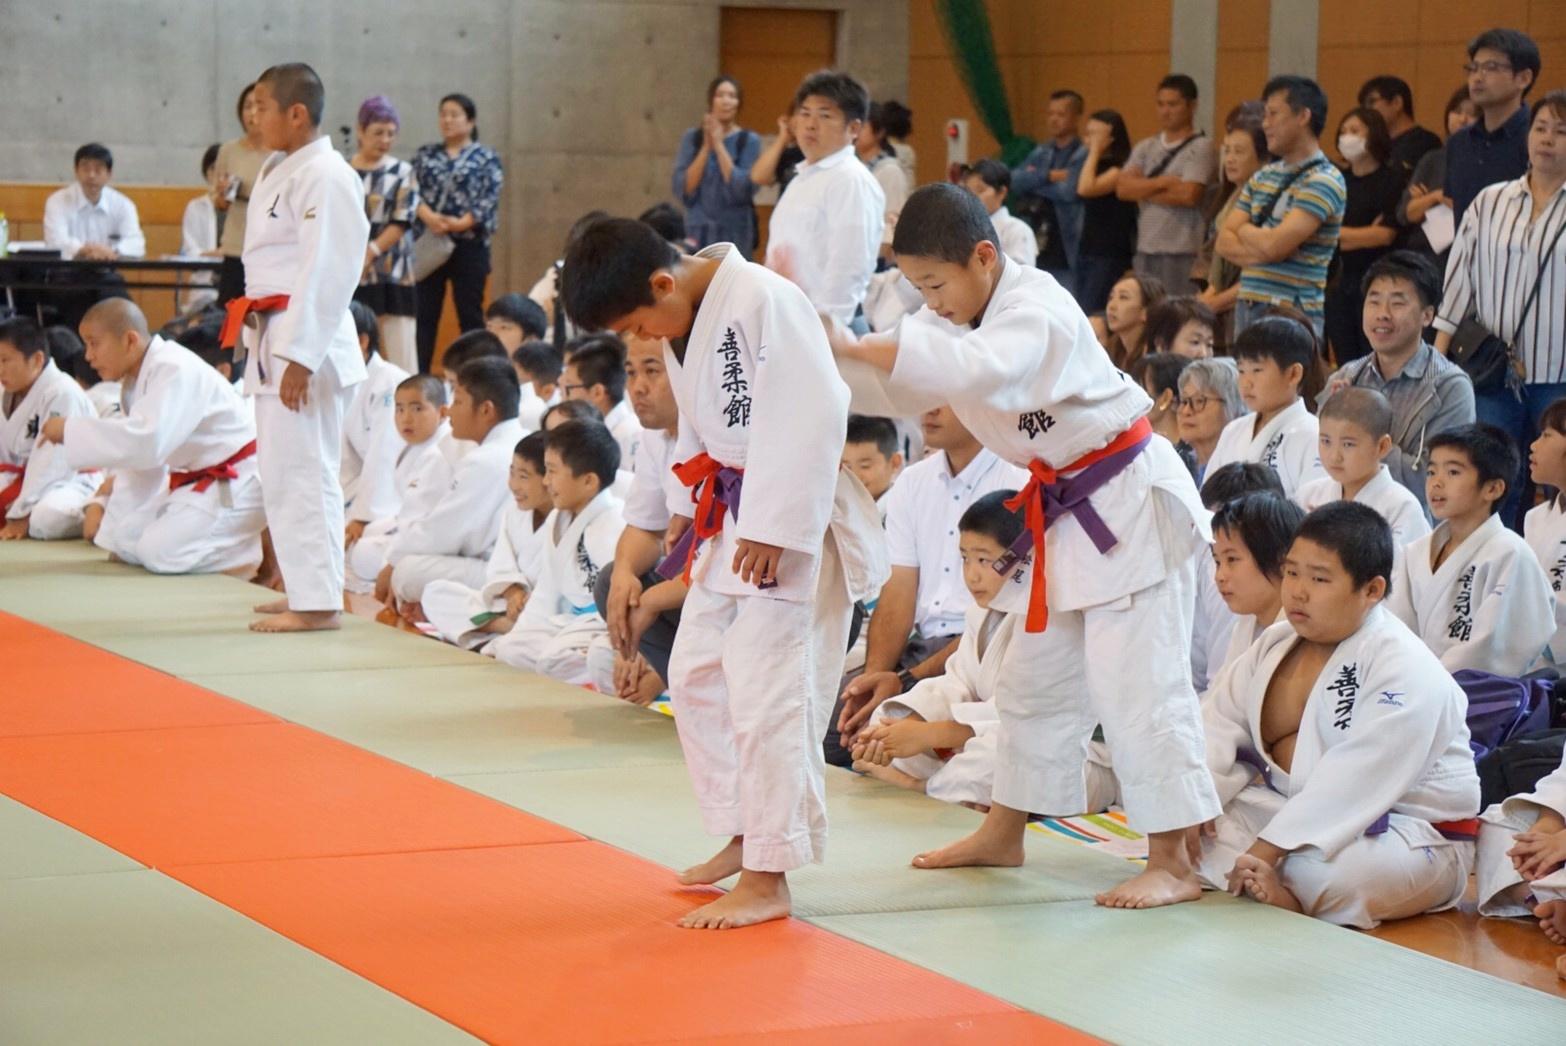 2019  櫛田神社秋季大祭奉納少年柔道大会_b0172494_22292775.jpg